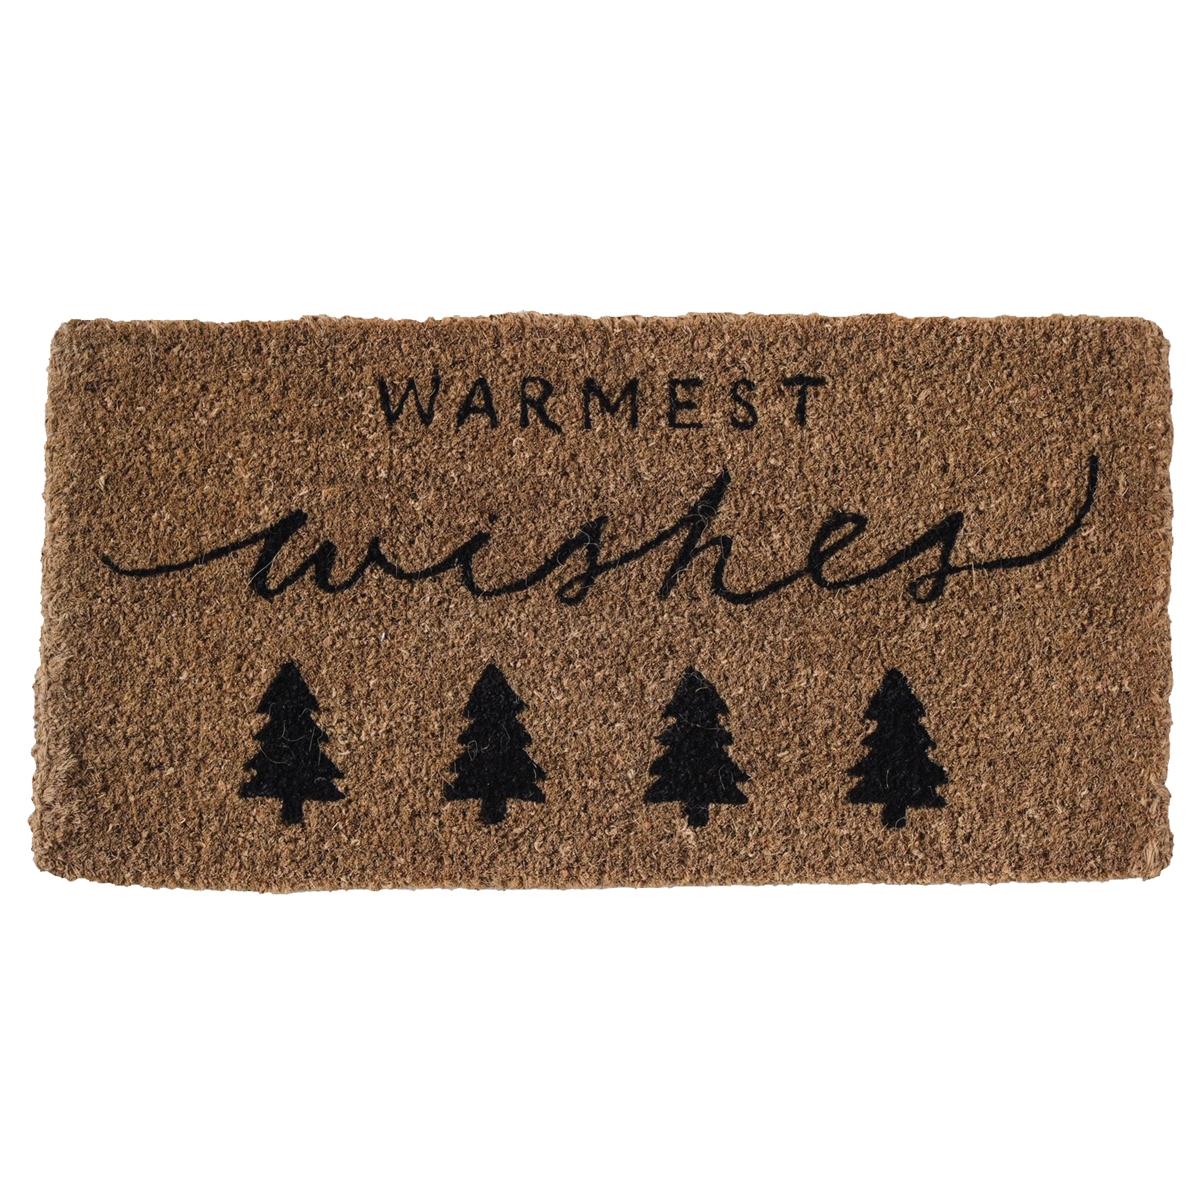 Warmest Wishes Doormat